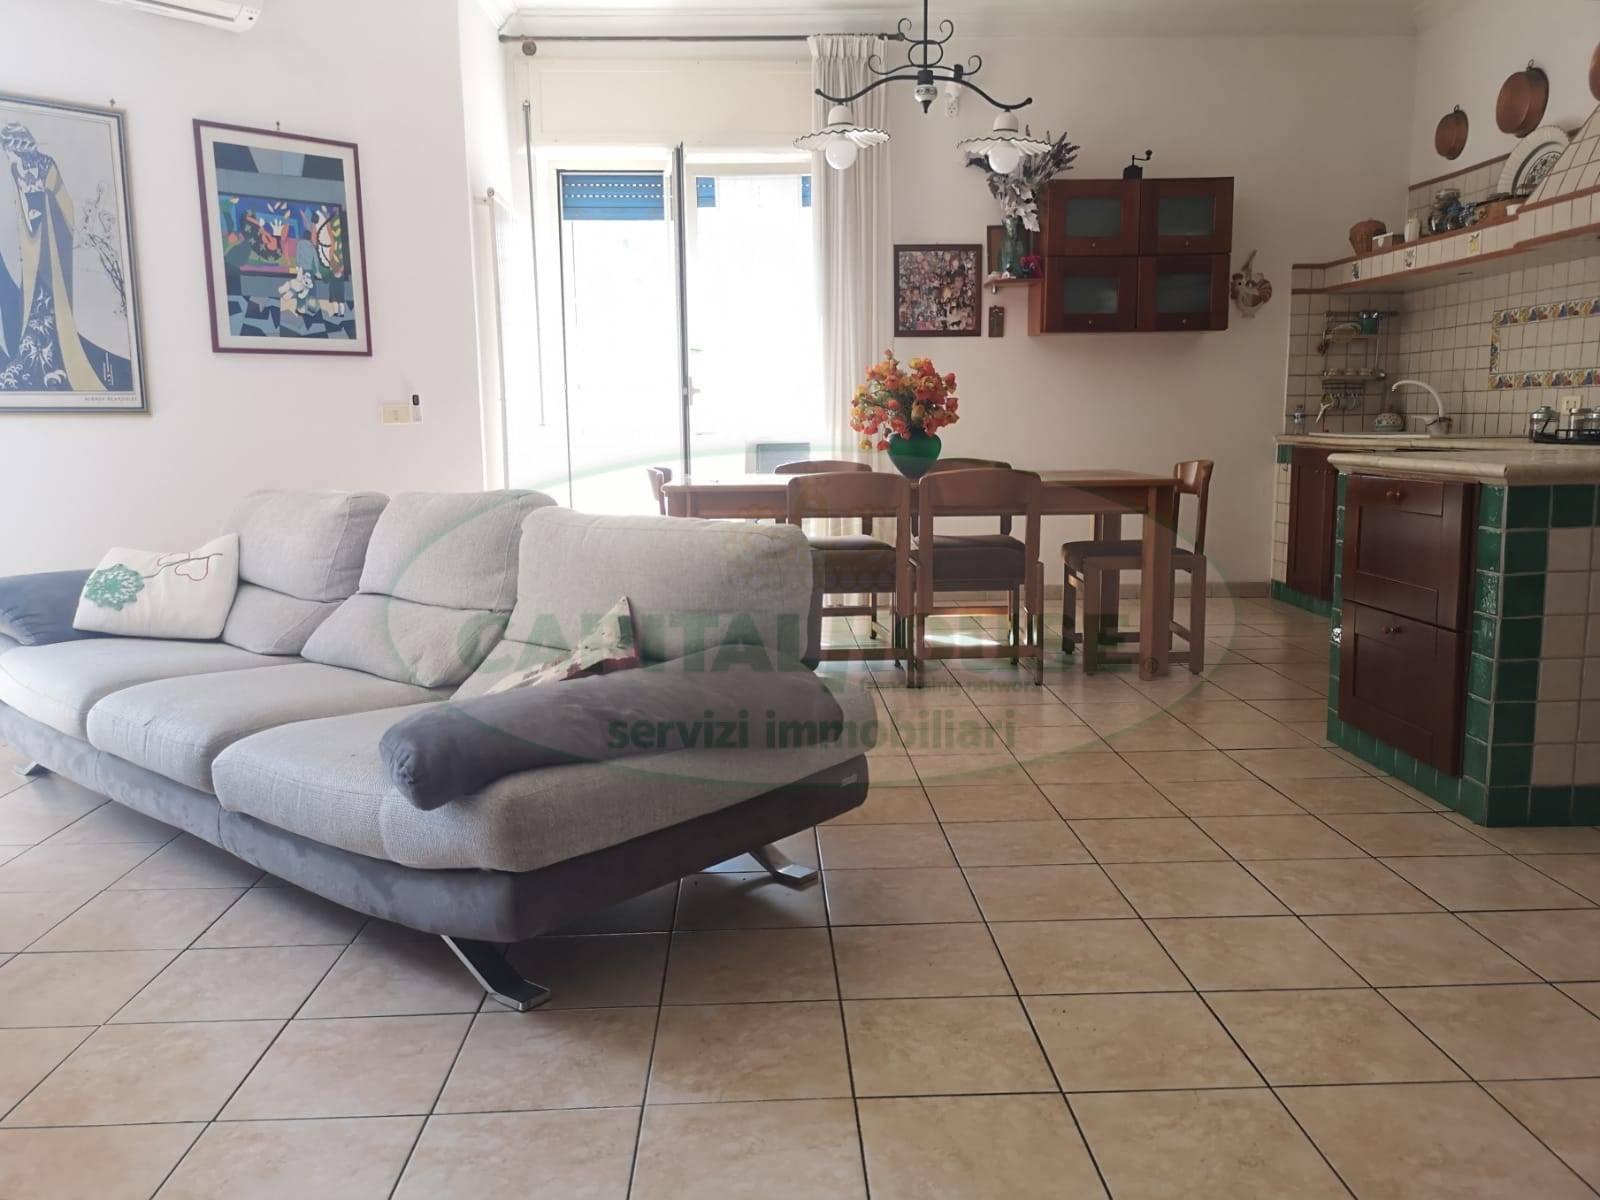 Appartamento in vendita a San Nicola la Strada, 4 locali, prezzo € 129.000 | CambioCasa.it